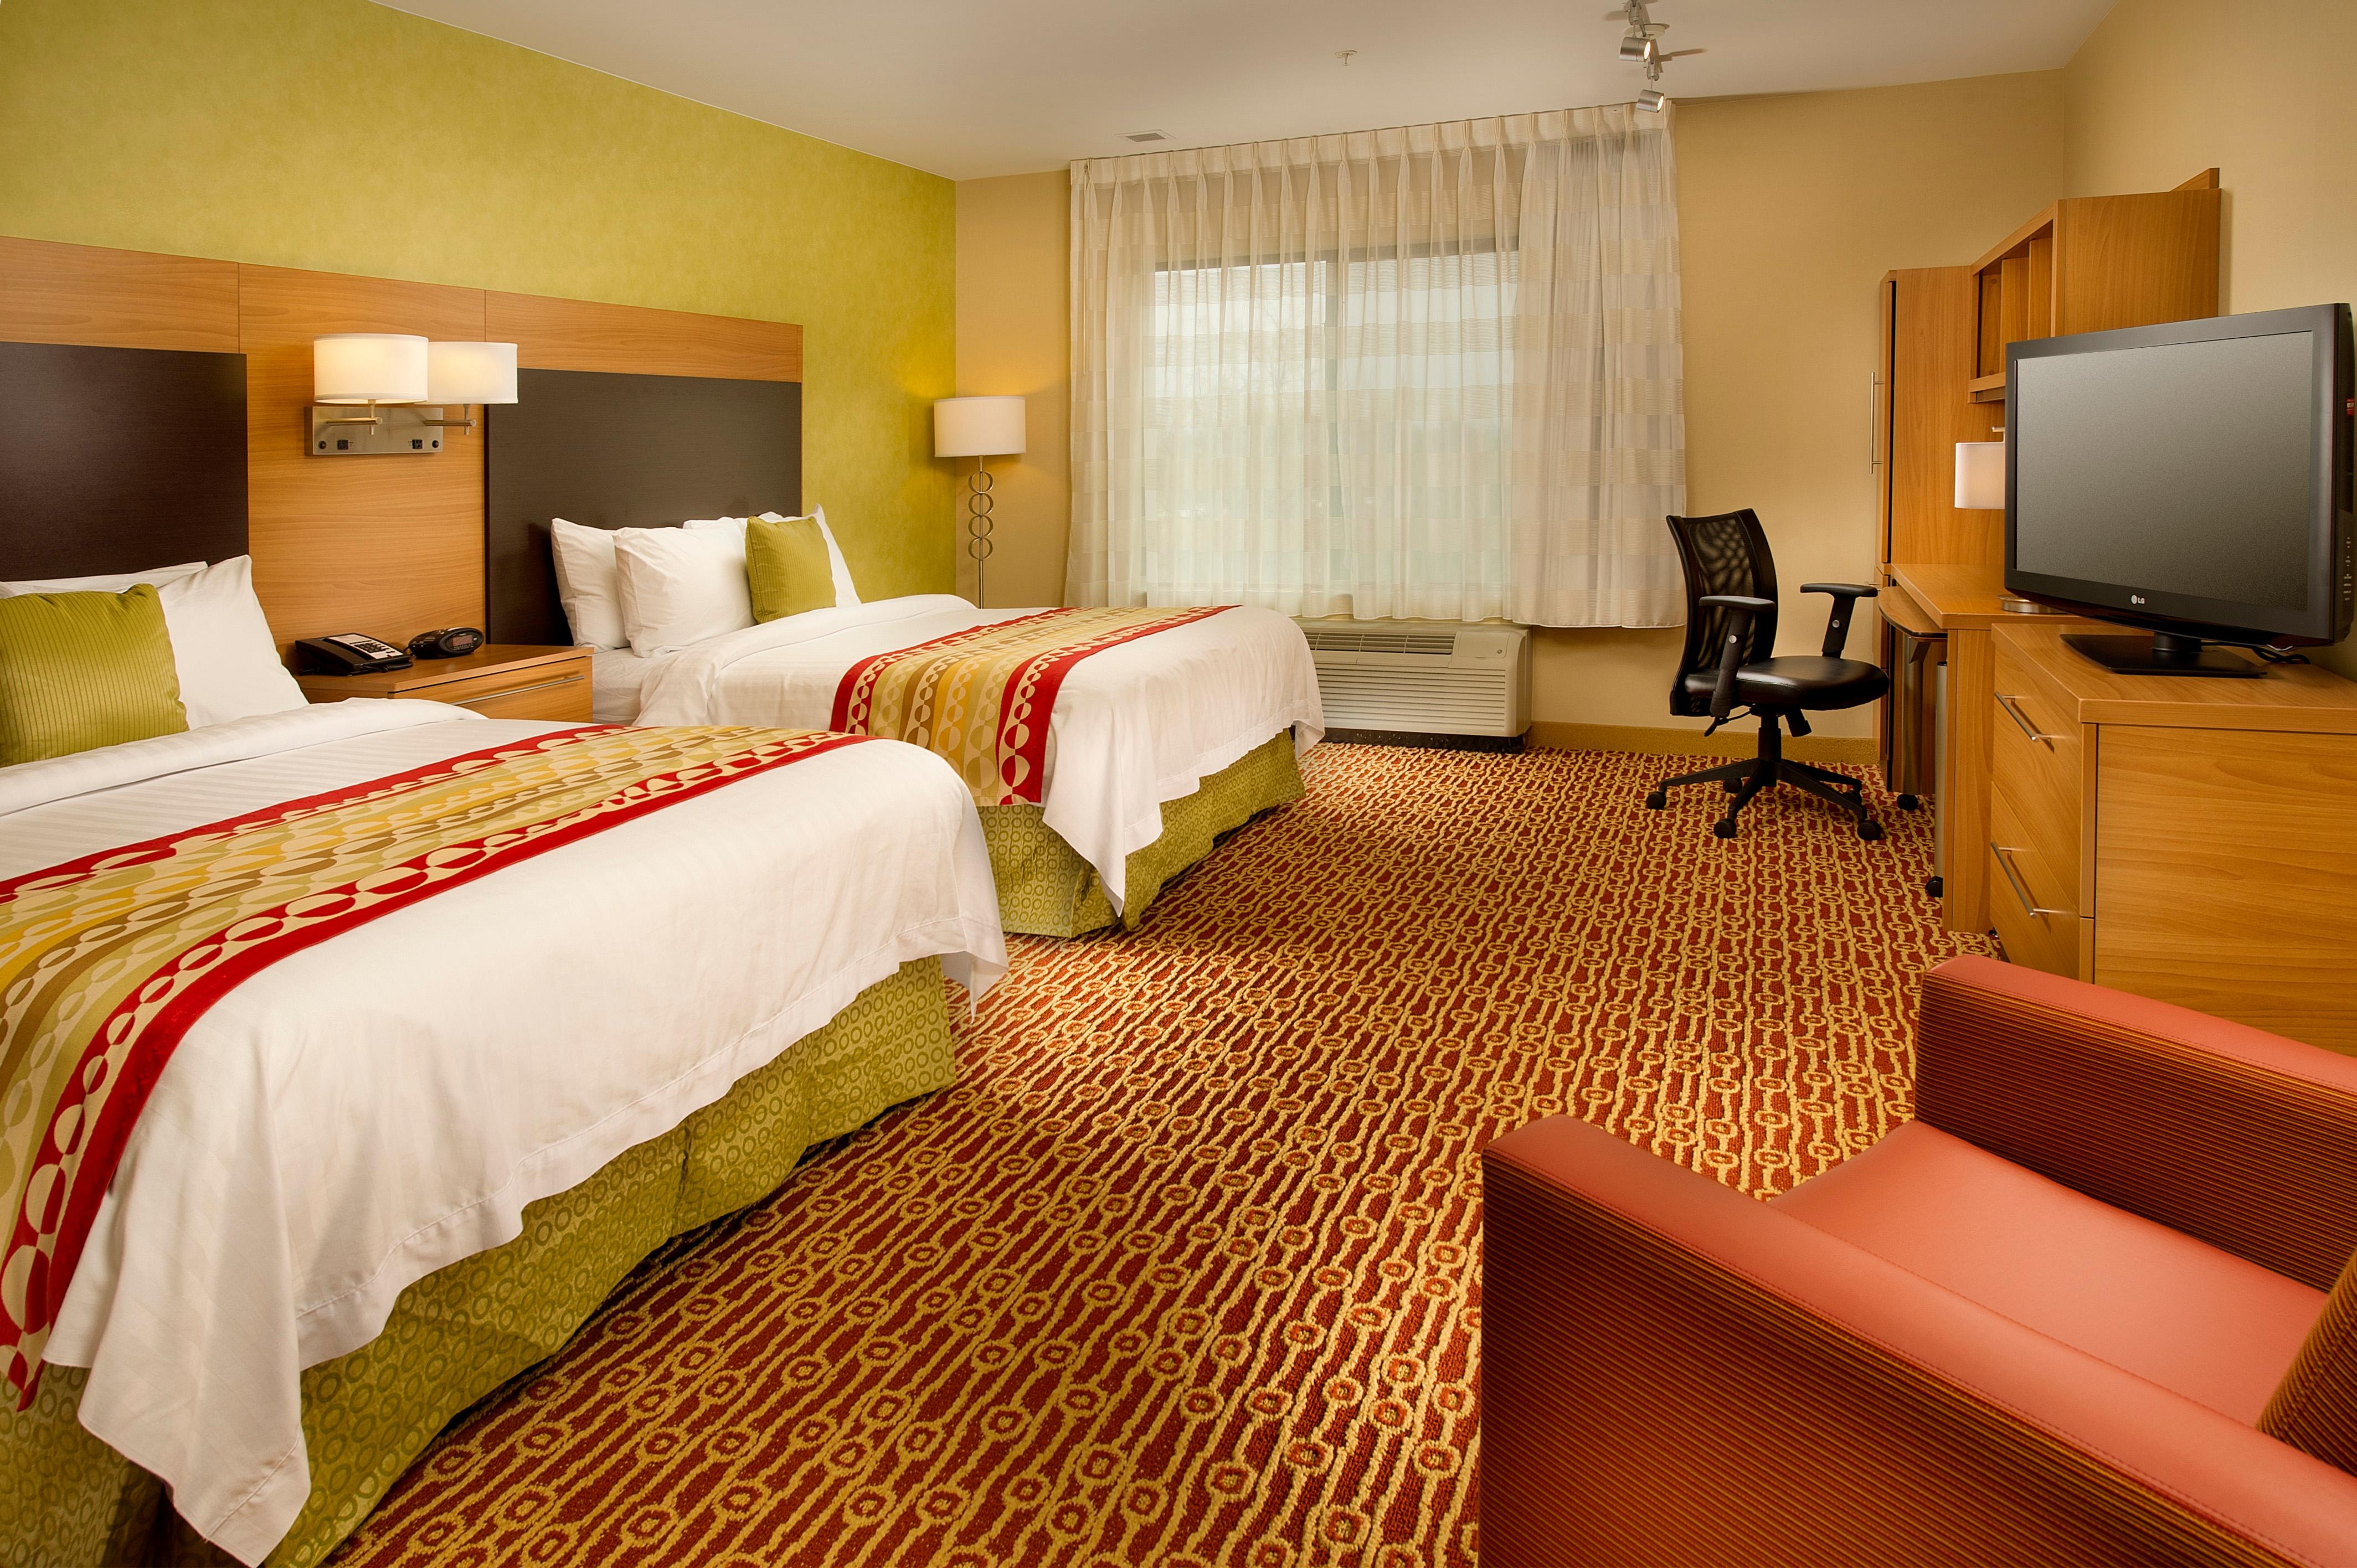 TownePlace Suites by Marriott Bridgeport Clarksburg image 3